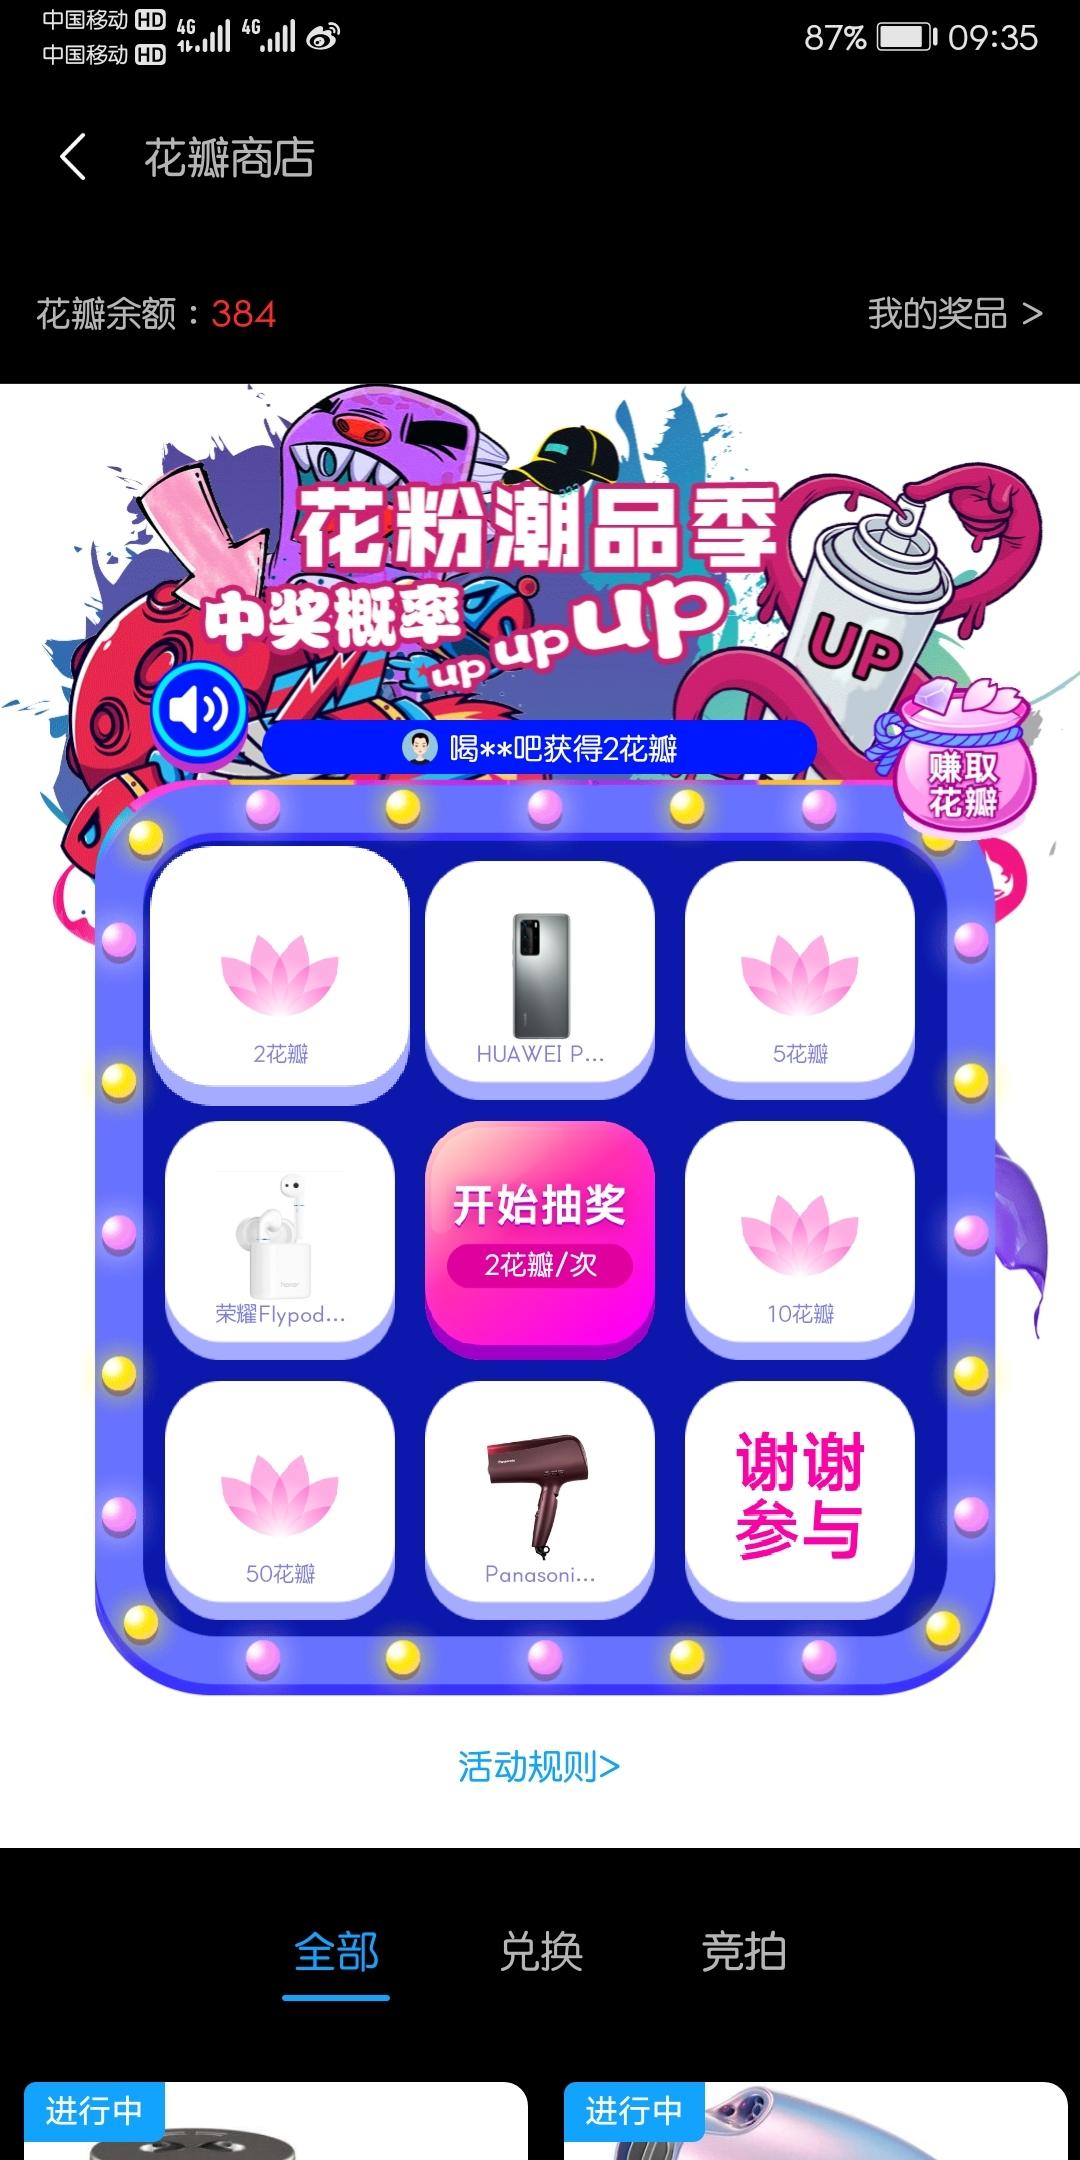 Screenshot_20200507_093507_com.huawei.fans.jpg